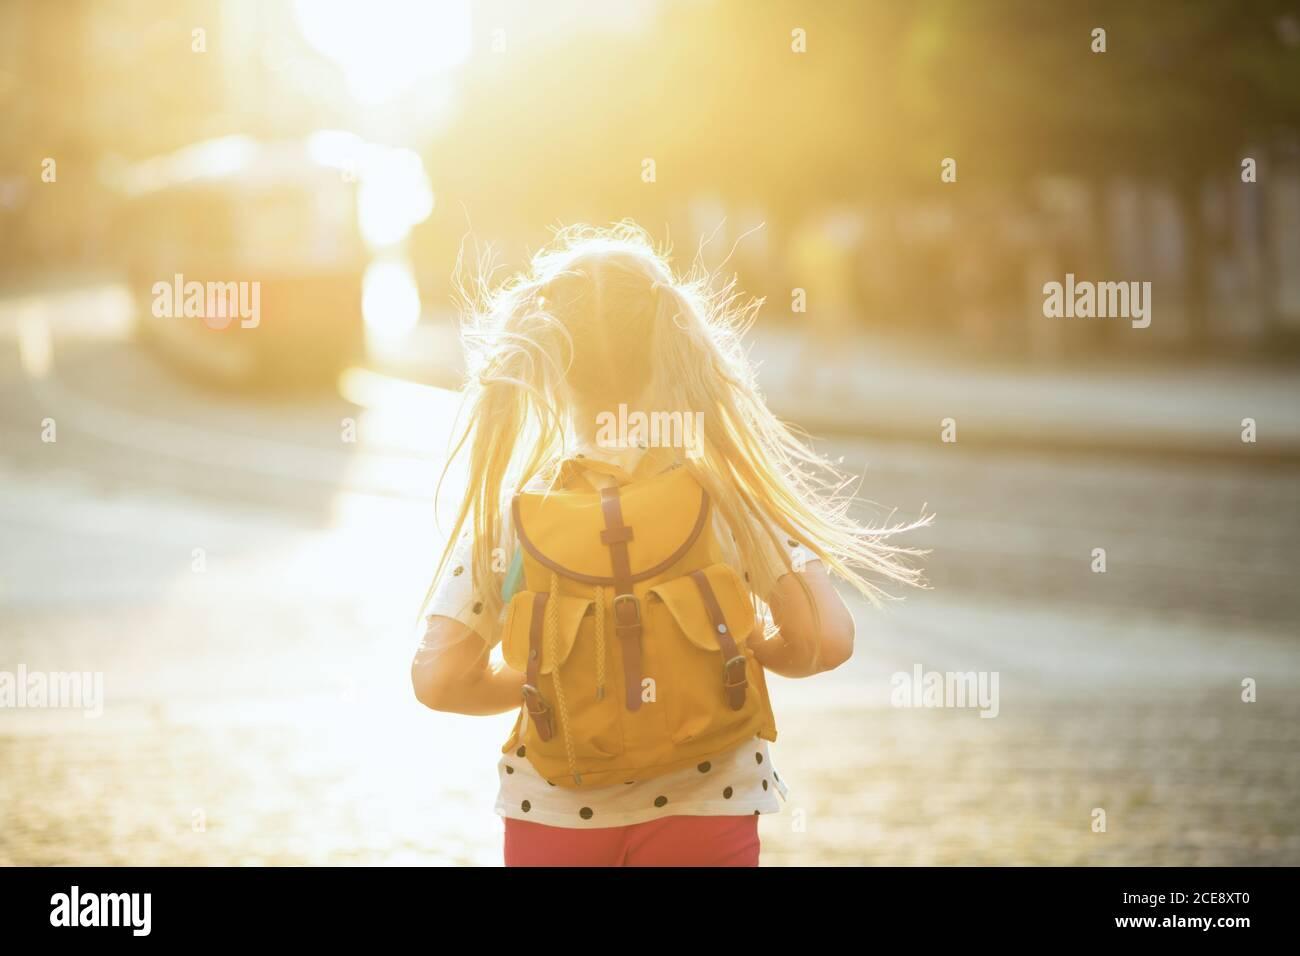 La vida durante la pandemia de covid-19. Visto desde detrás del niño en la blusa blanca de lunares con una mochila amarilla regresando de la escuela al aire libre. Foto de stock